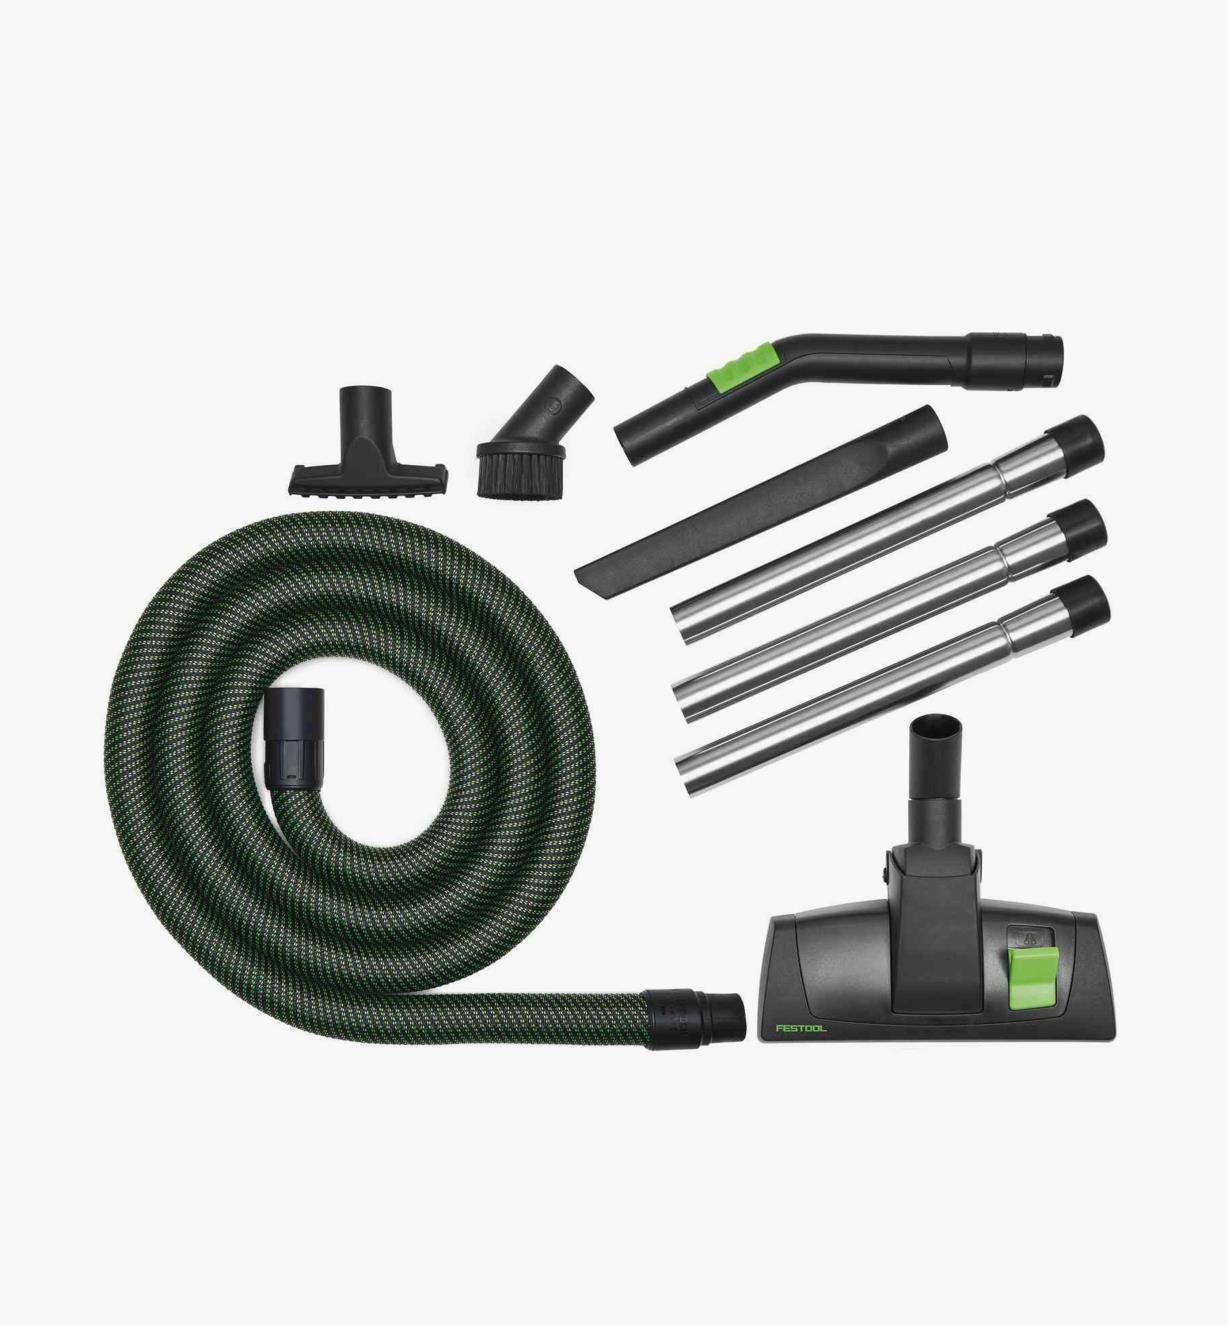 Tradesperson/Installer Cleaning Set